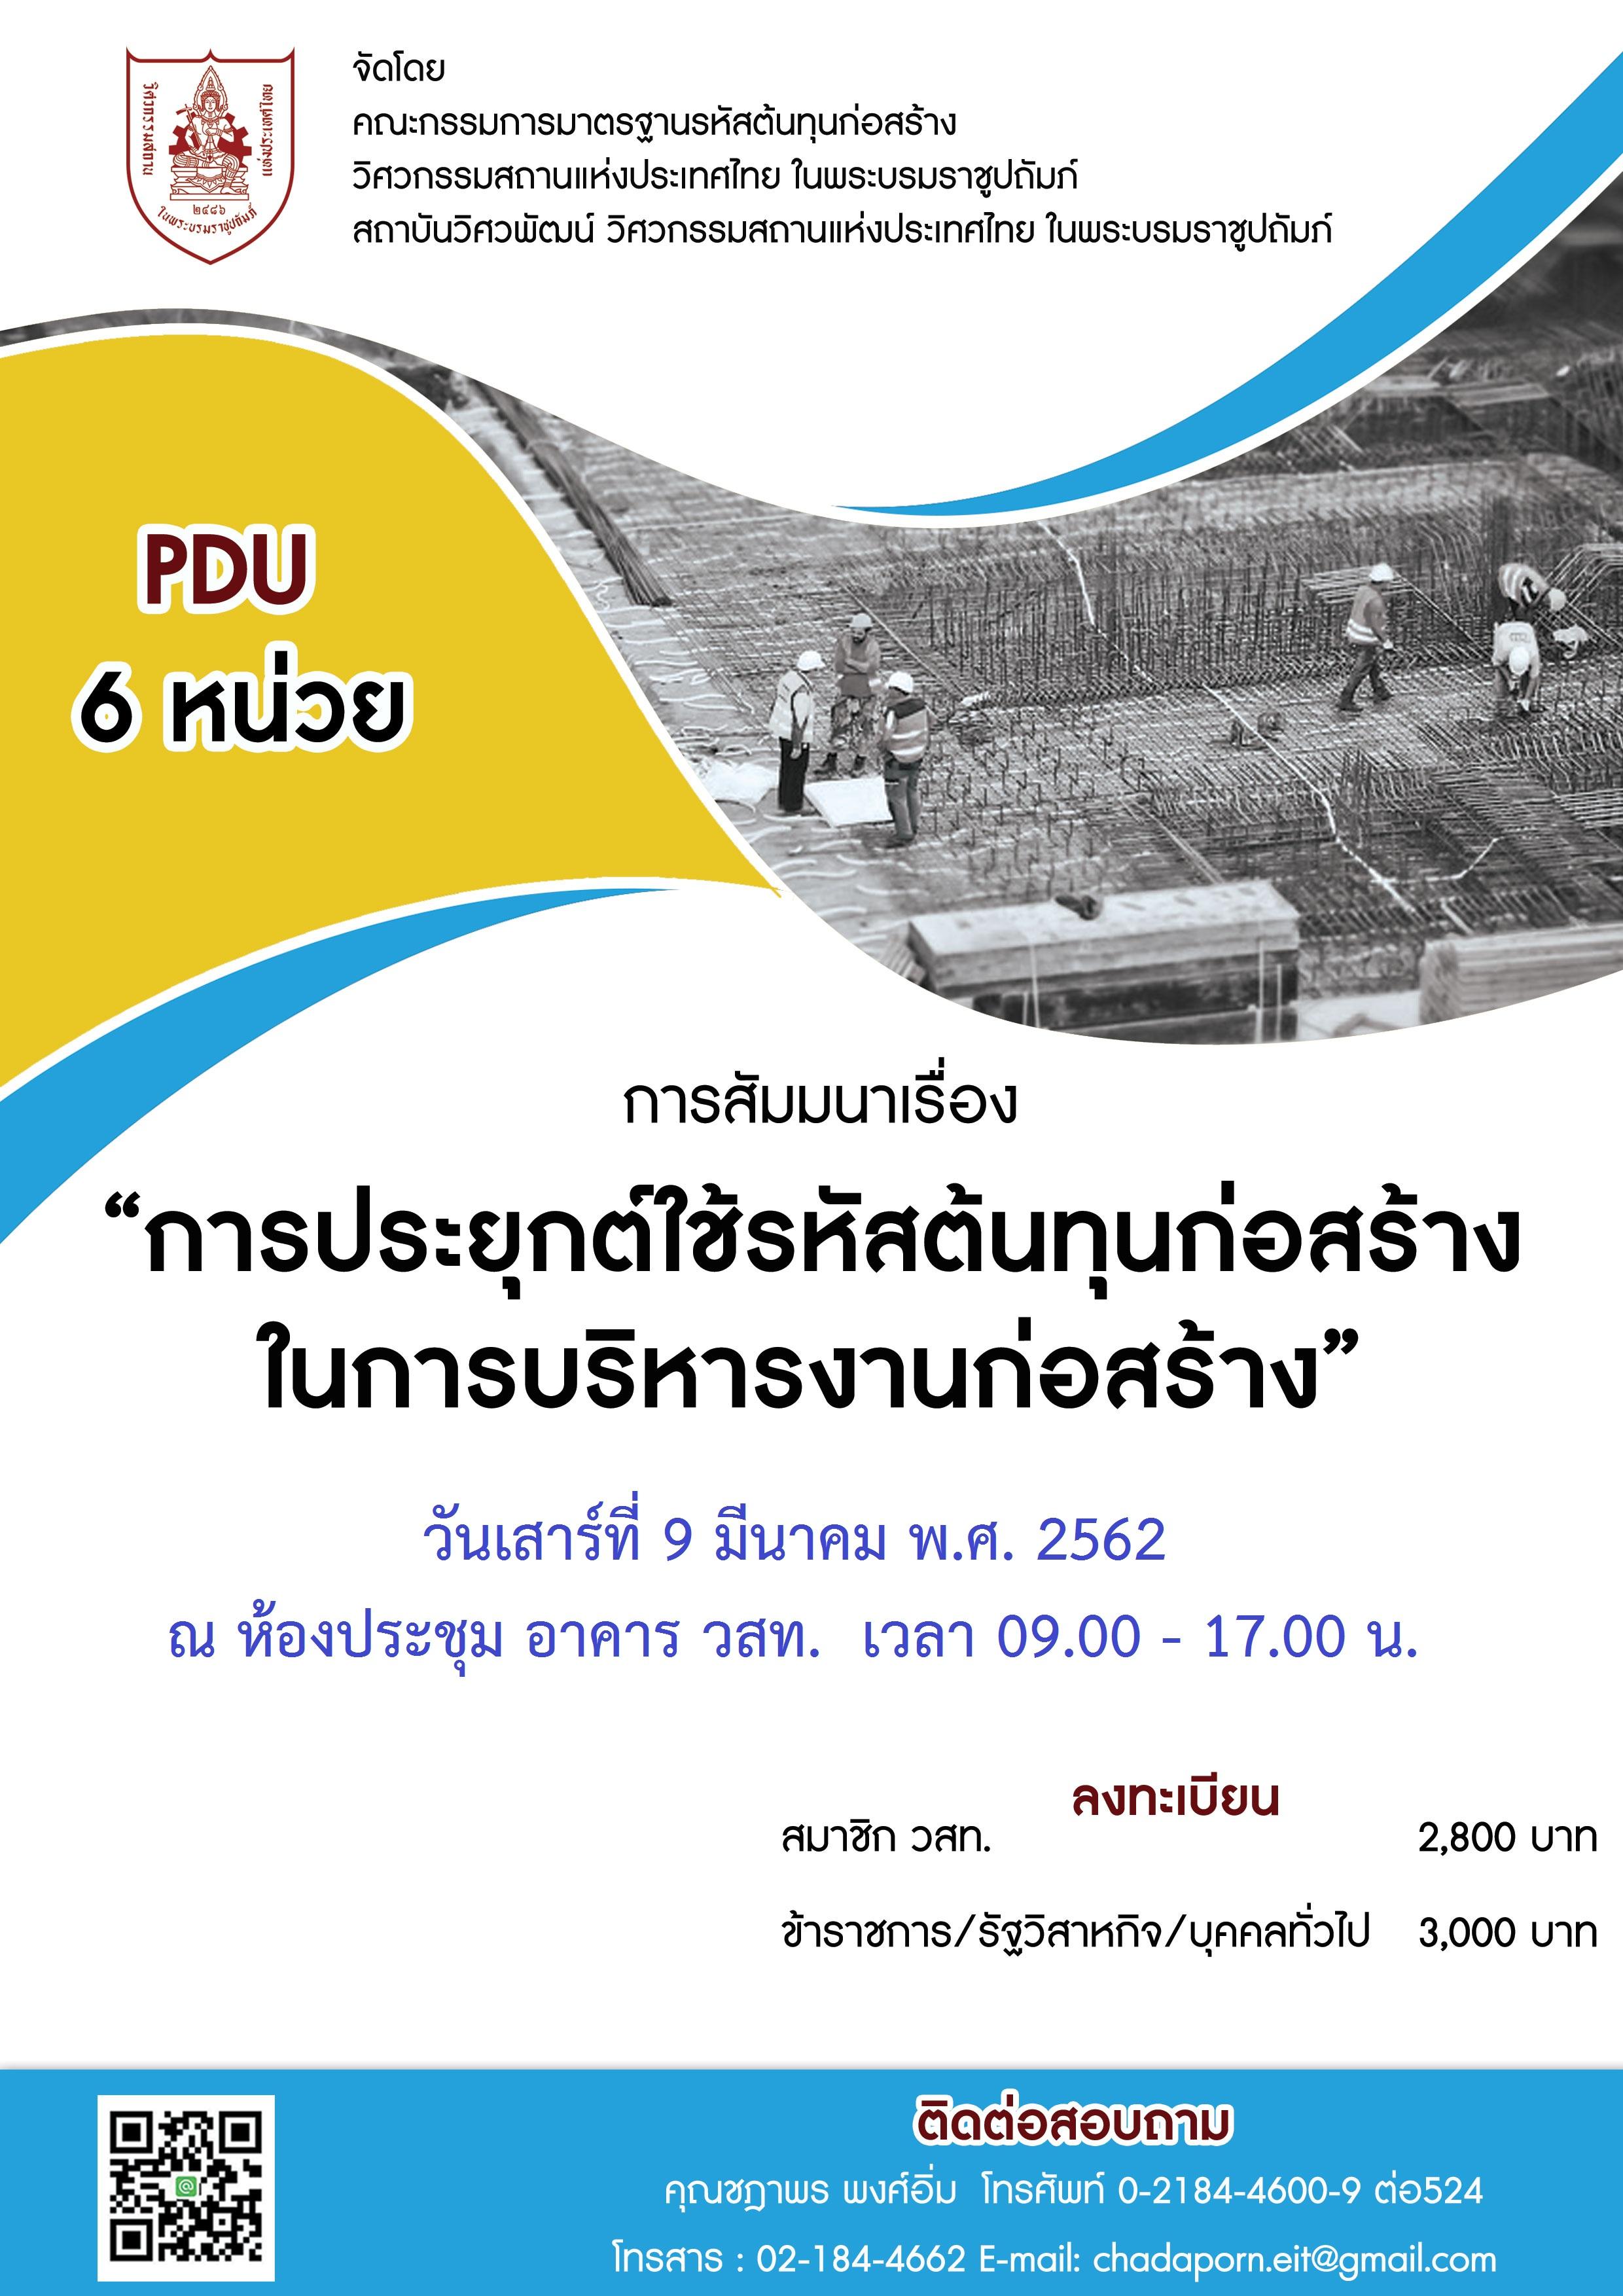 """9/03/2562 การอบรม """"การประยุกต์ใช้รหัสต้นทุนก่อสร้างในการบริหารงานก่อสร้าง"""" (ยกเลิก)"""